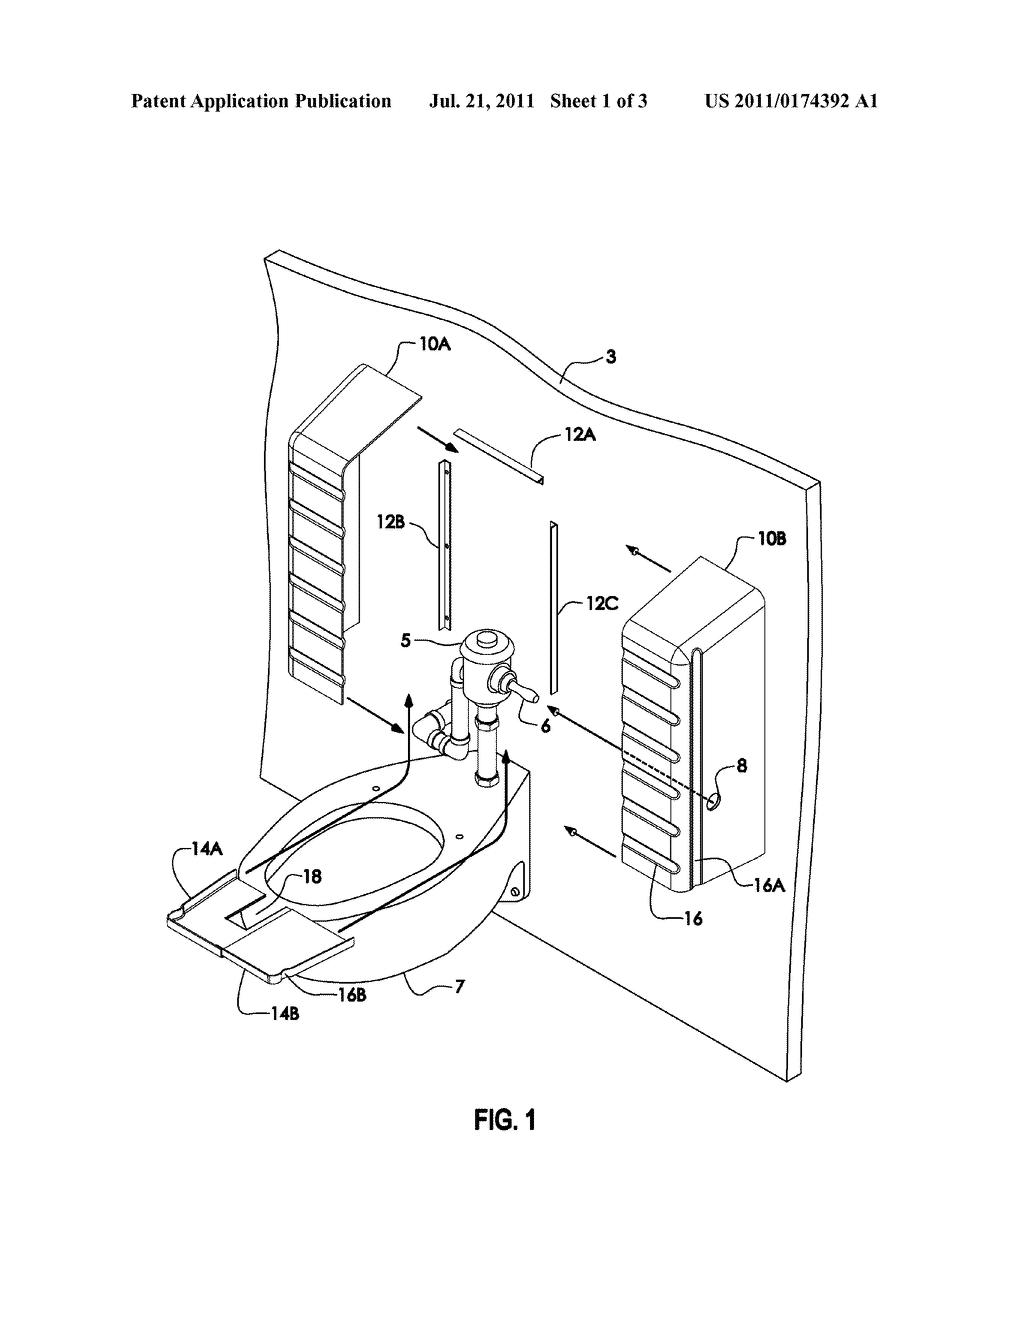 e100 wiring diagram emergency ballast